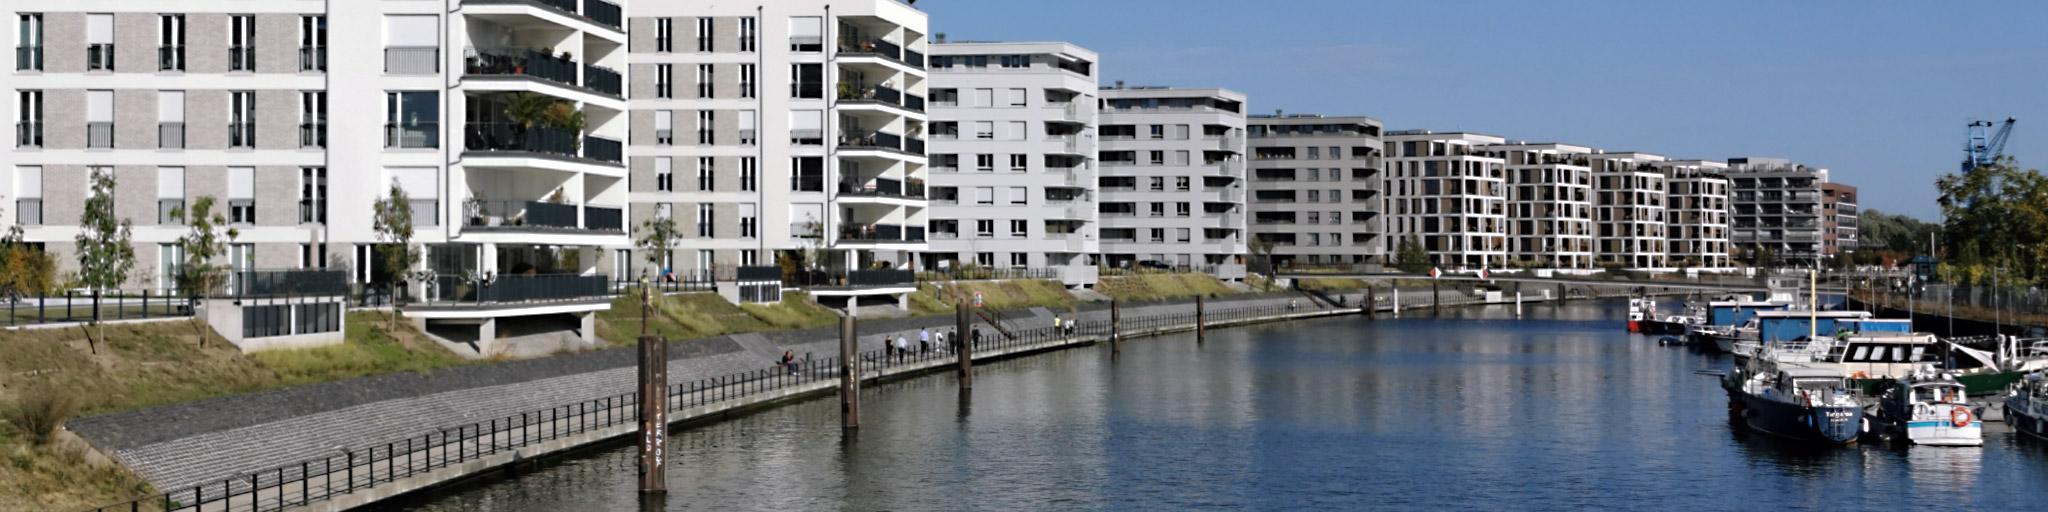 Hafen Offenbach - Hafenviertel Offenbach am Main - Offenbach Hafen - Wohnungen neues Stadtviertel Offenbach - Wohnen am Fluß - Eigentumswohnungen und Mietwohnungen